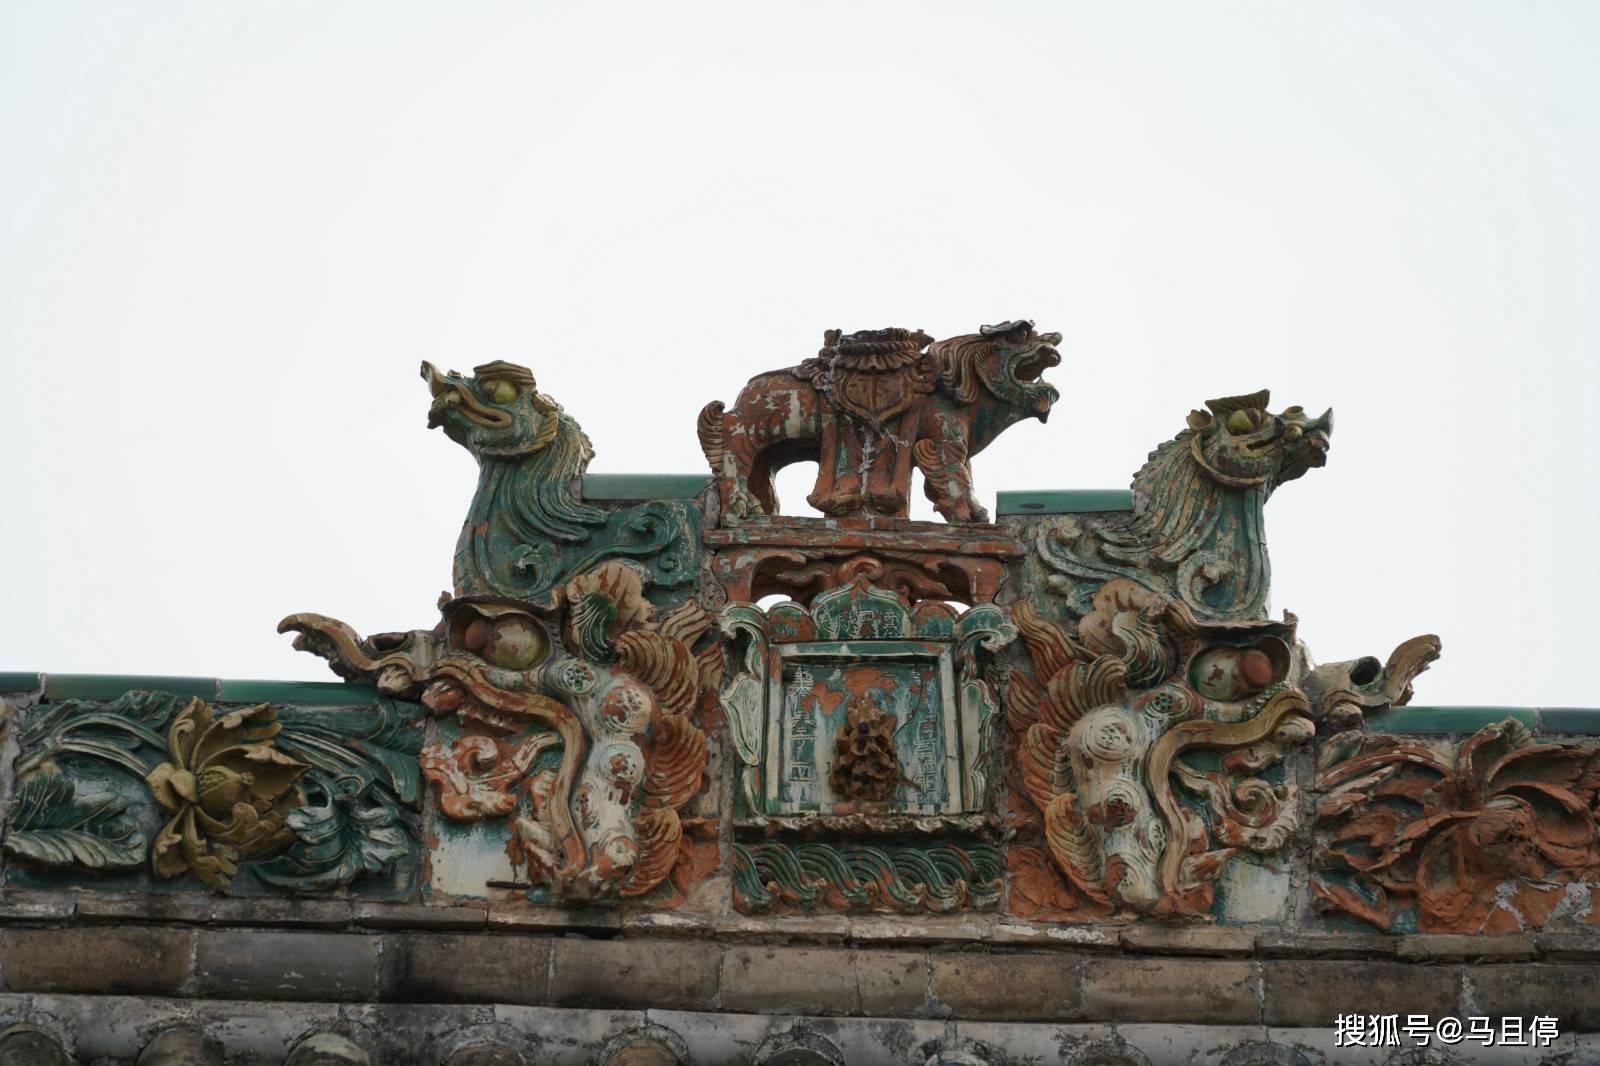 山西有个小县城,名气不大却藏着众多国宝级的古迹,值得去旅行  第15张